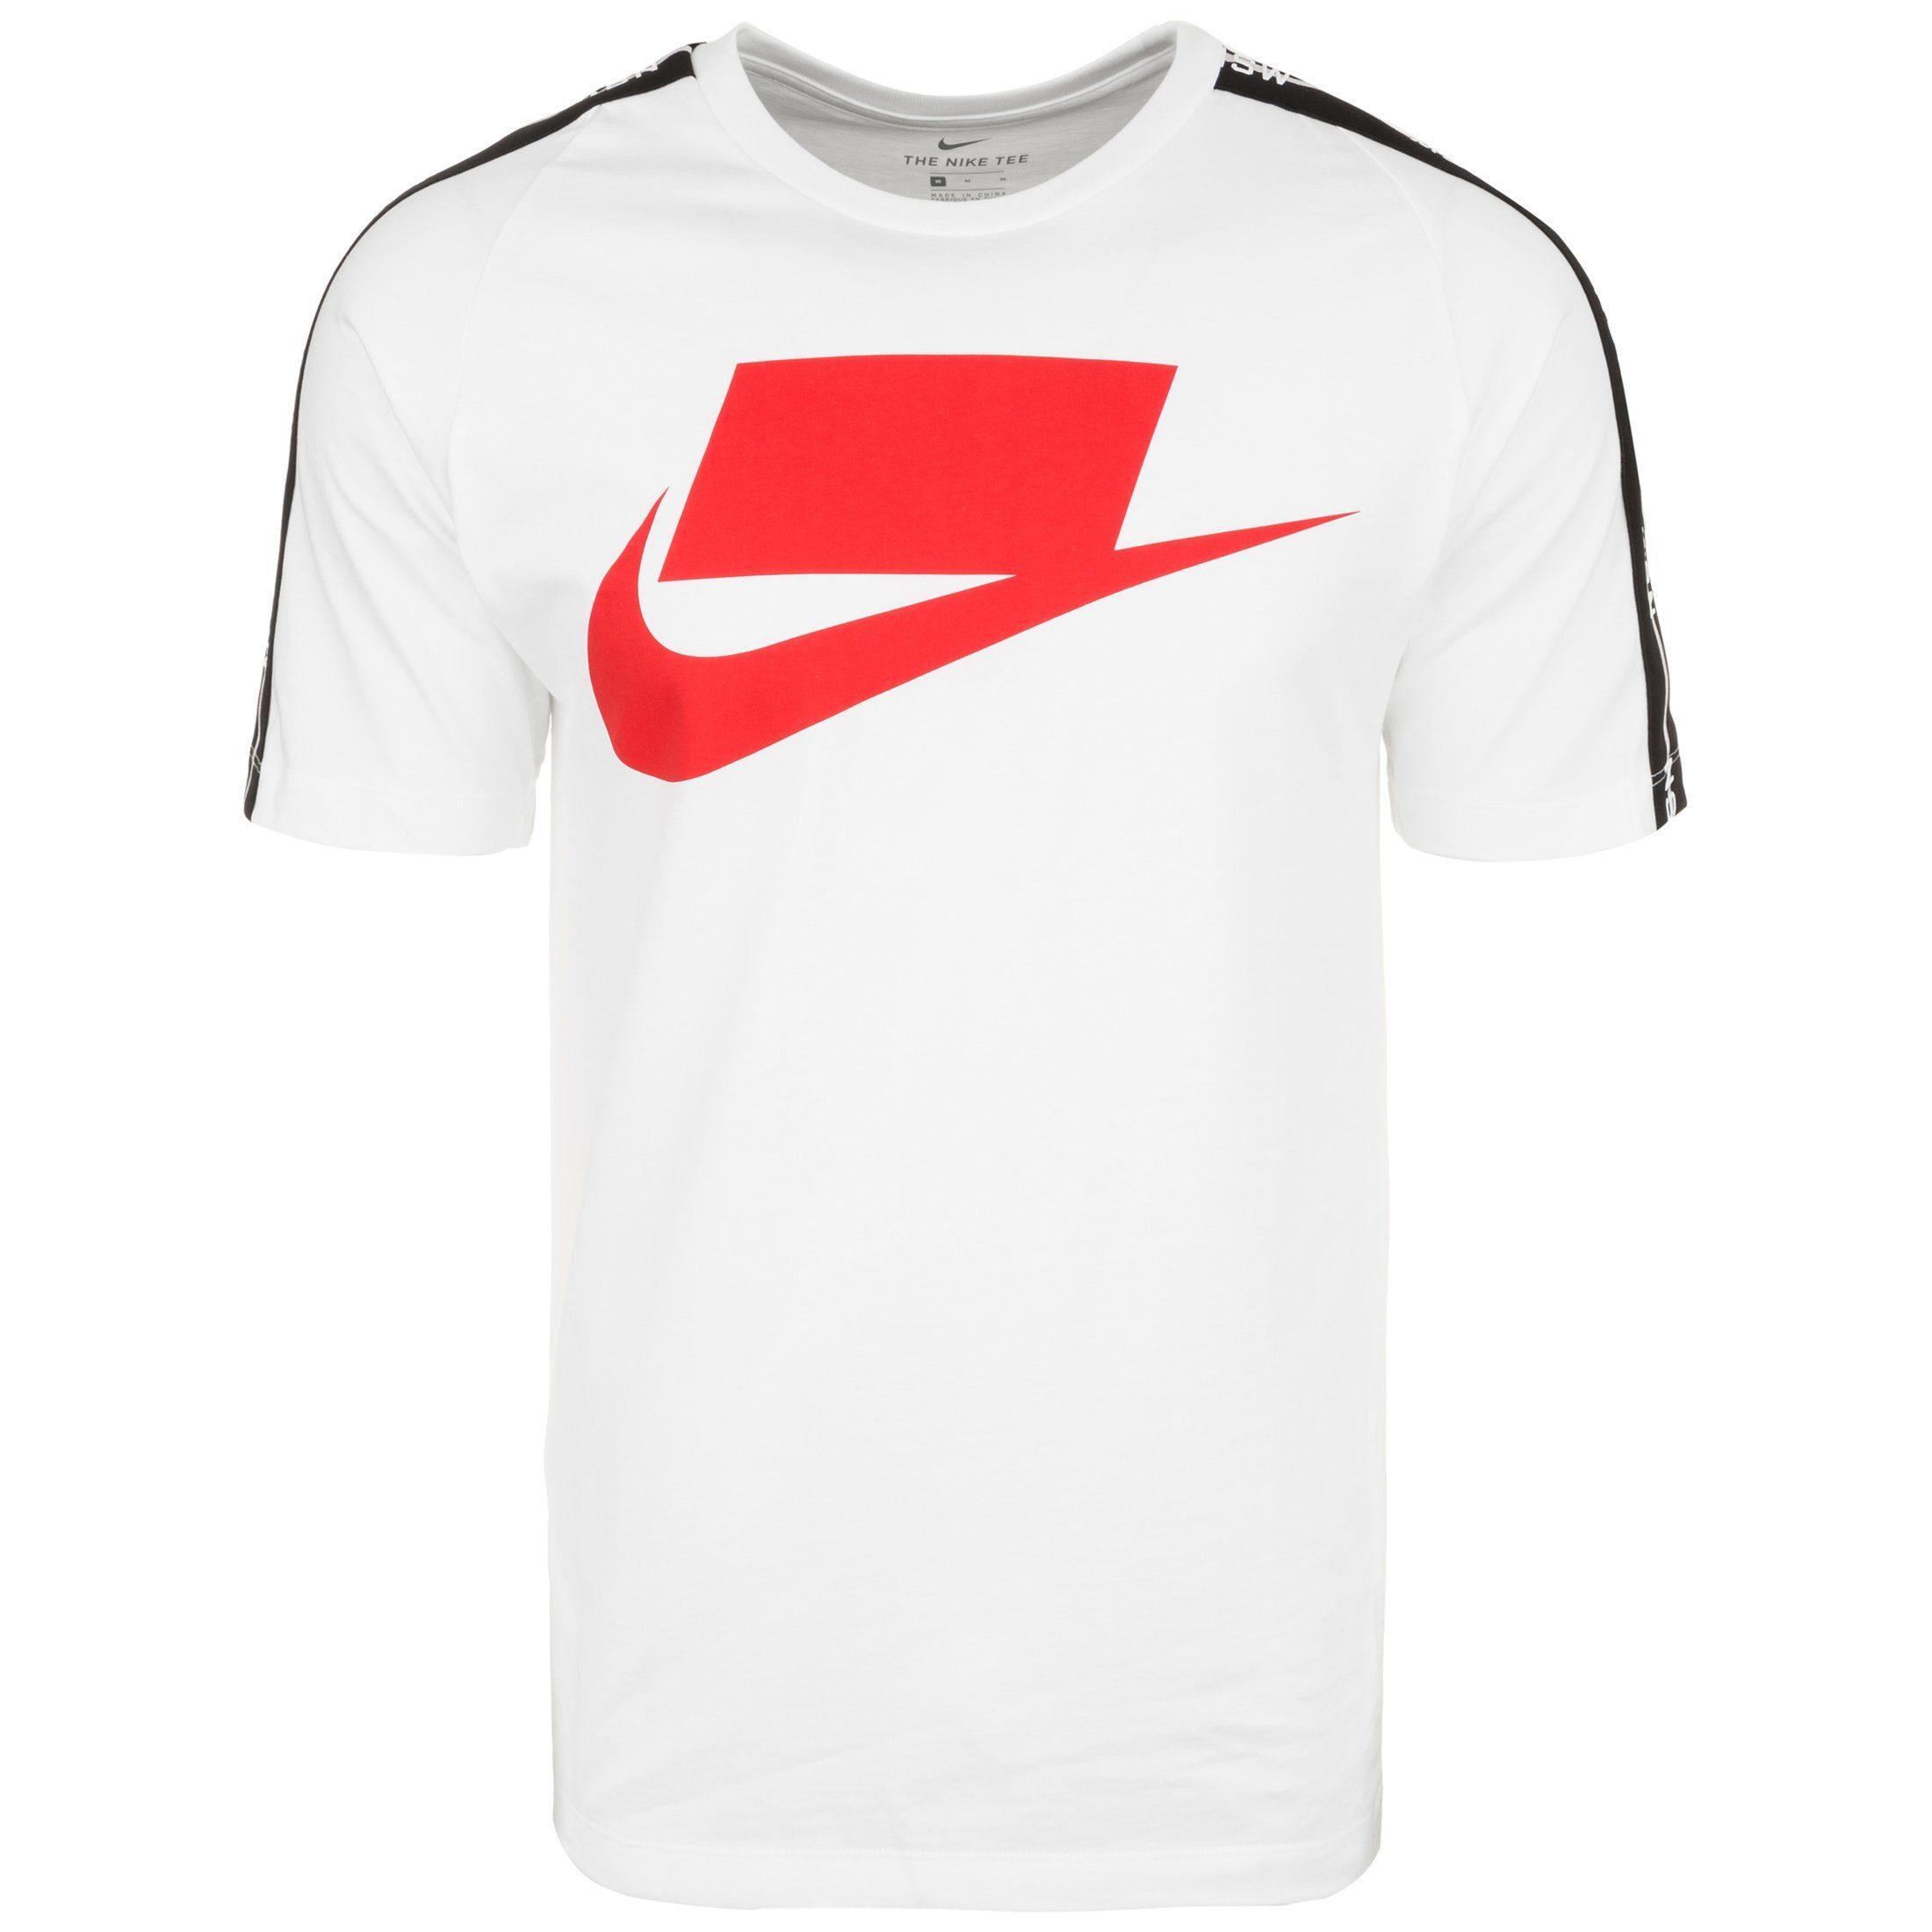 Nike Sportswear T-Shirt Sportswear 2 | Sportbekleidung > Sportshirts > T-Shirts | Weiß | Nike Sportswear